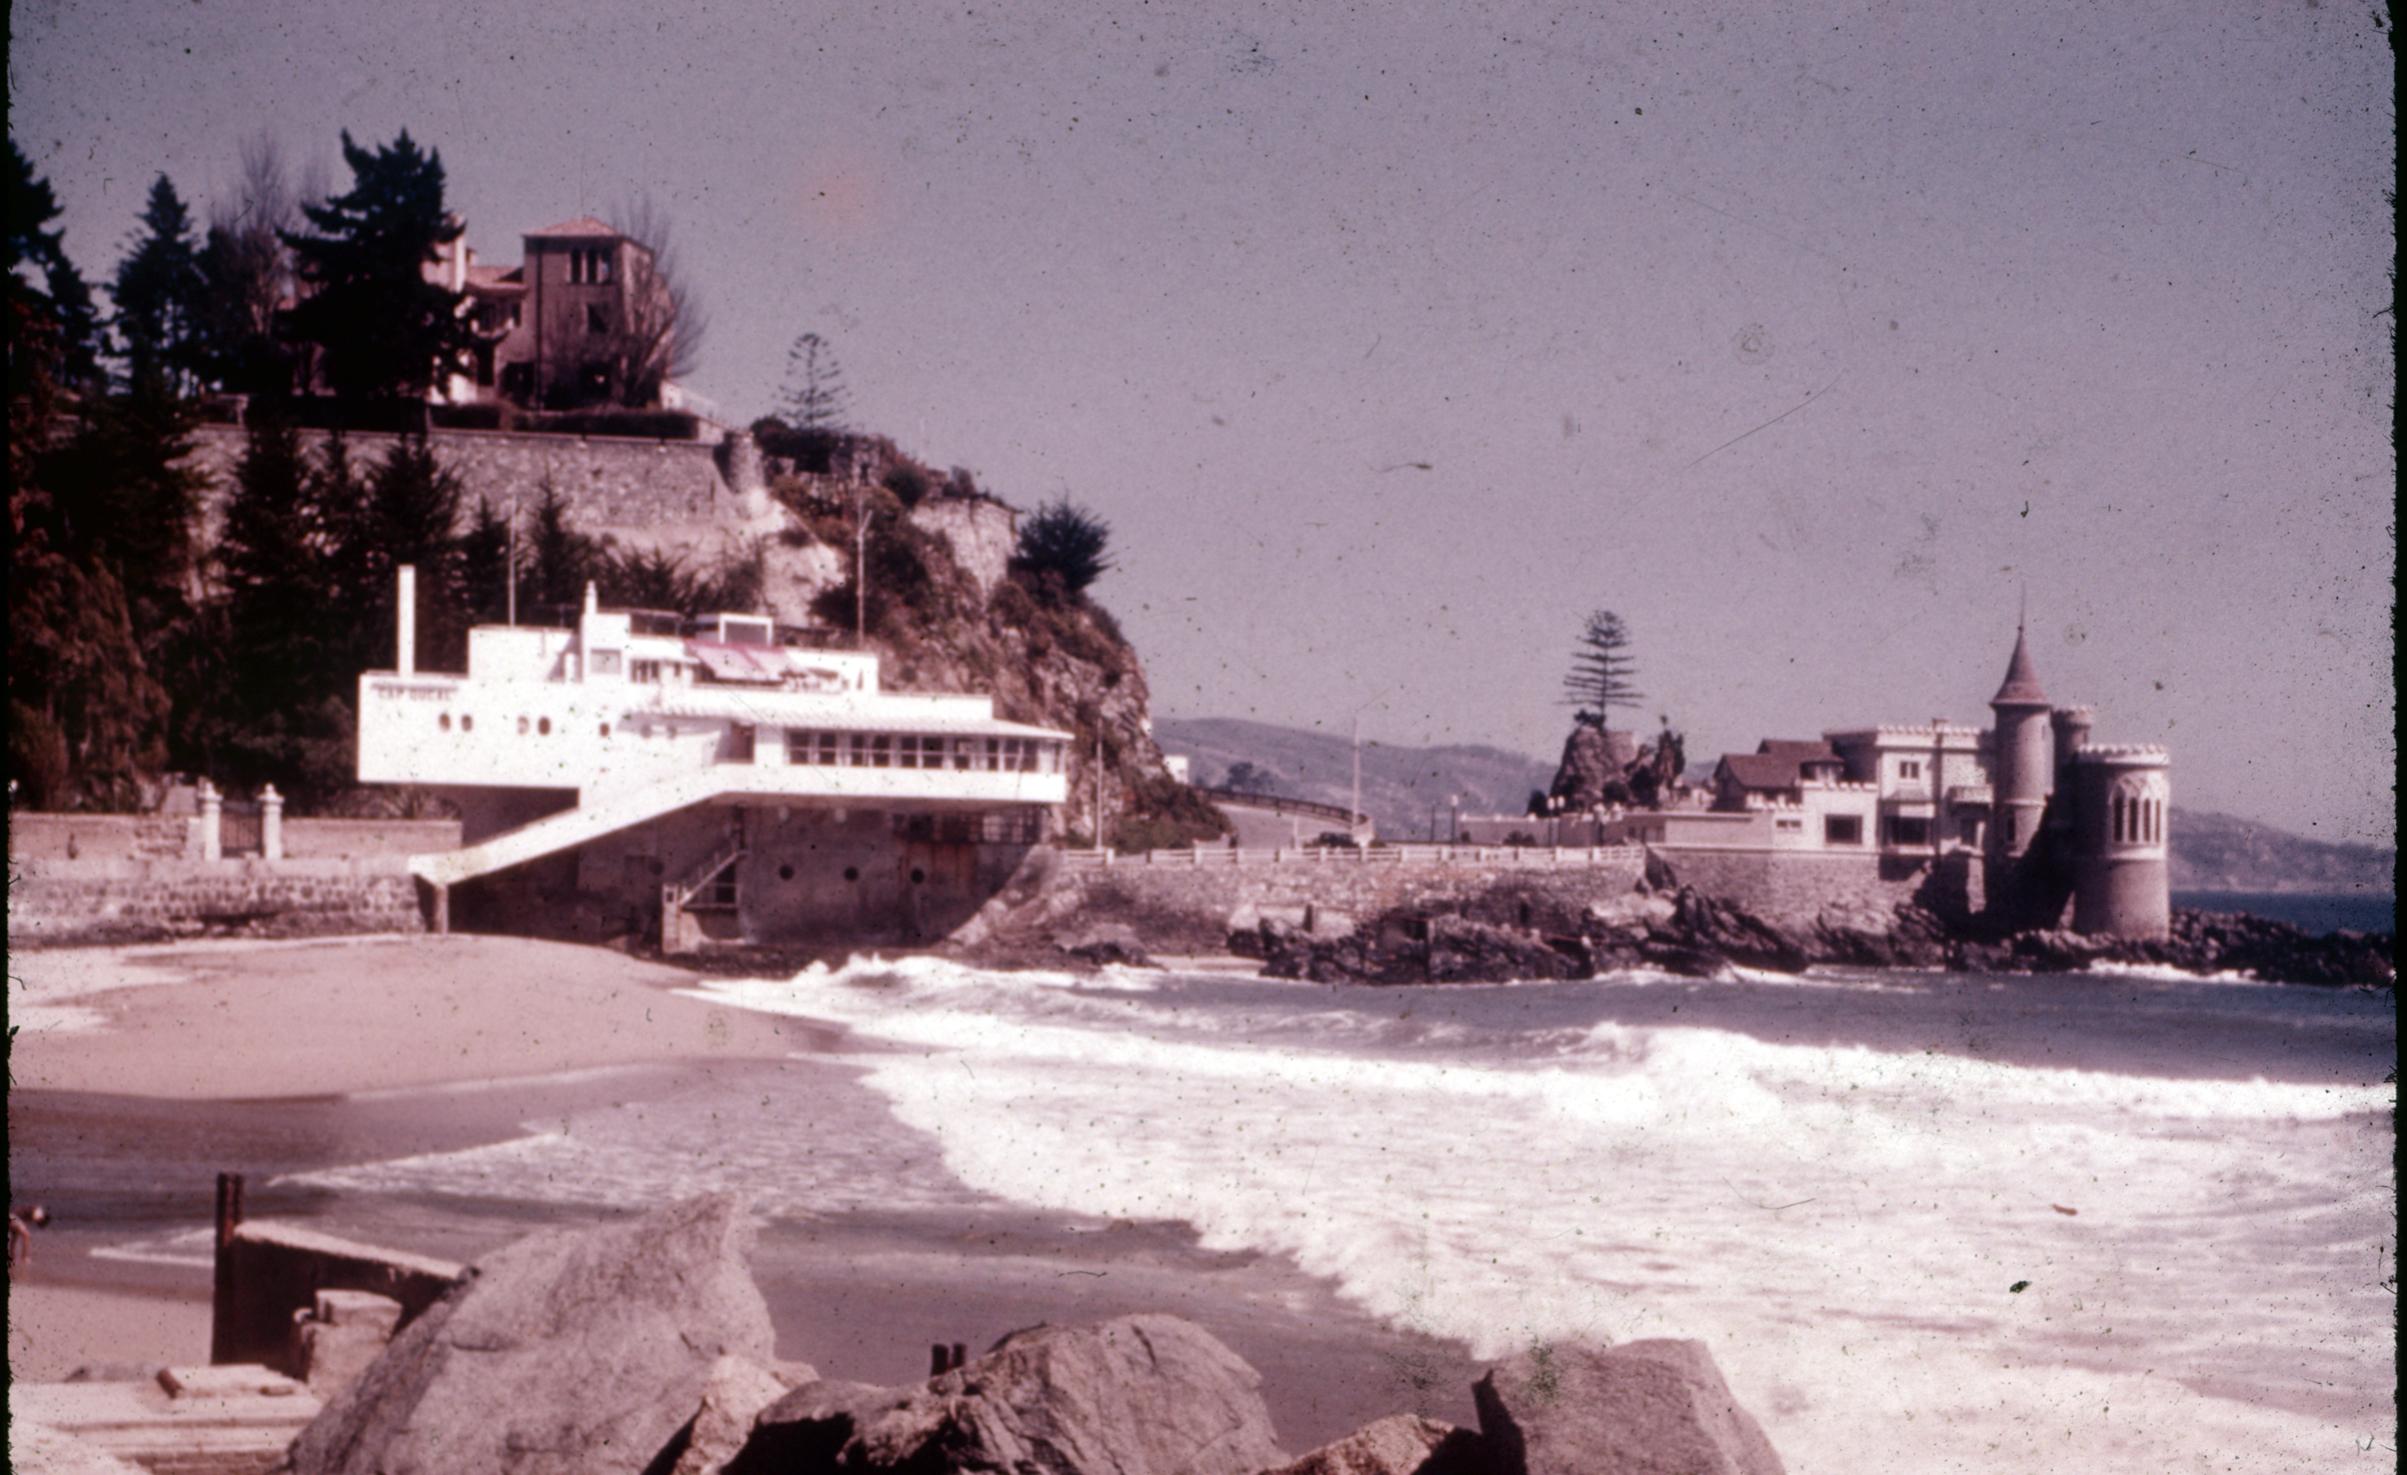 Enterreno - Fotos históricas de chile - fotos antiguas de Chile - Cap Ducal y Castillo Wulff, Viña del Mar años 60s